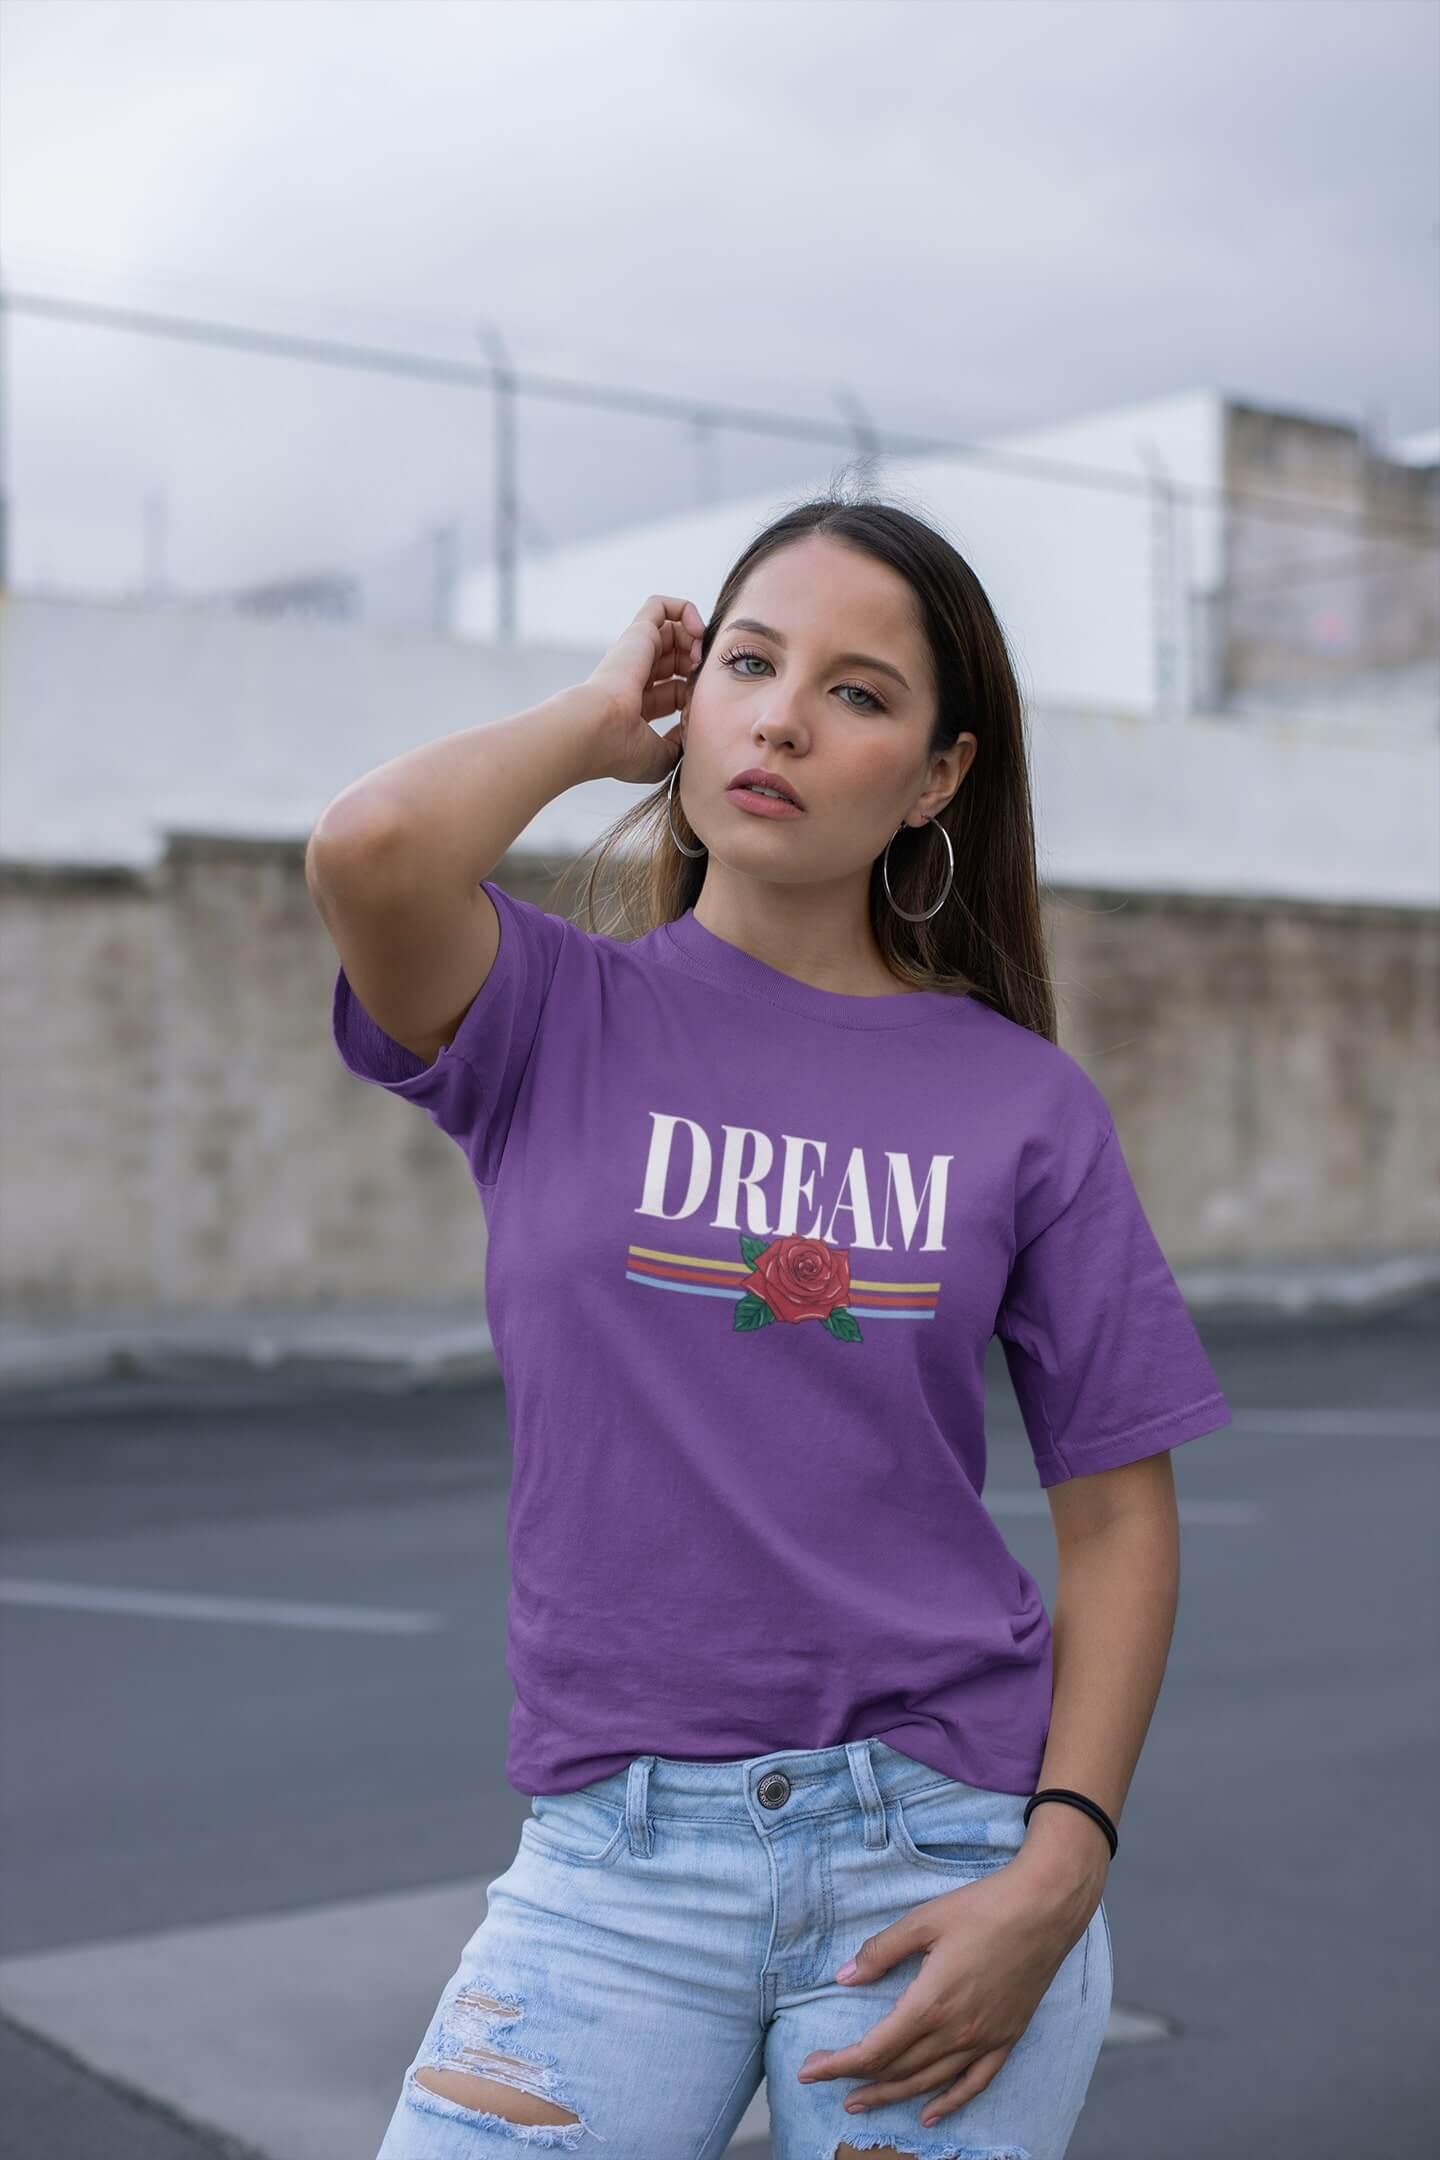 MMO Dámske tričko Dream Vyberte farbu: Fialová, Vyberte veľkosť: M